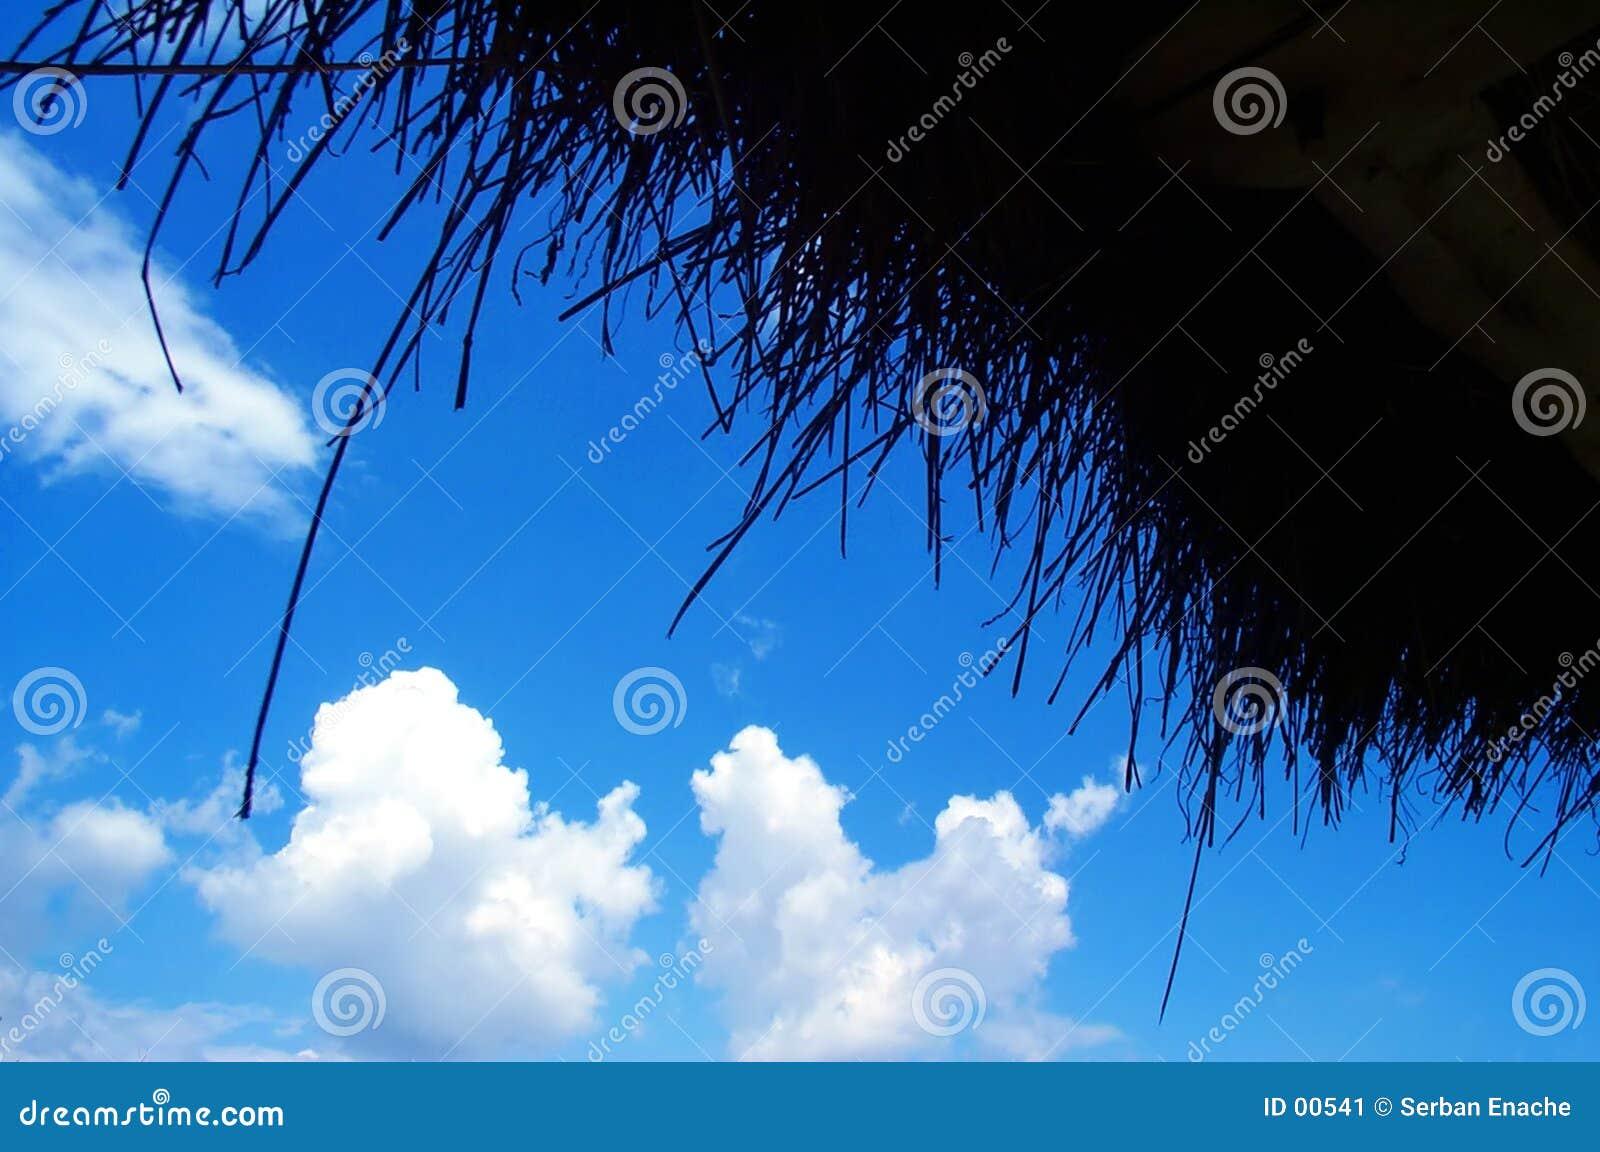 Blue sky made of straws